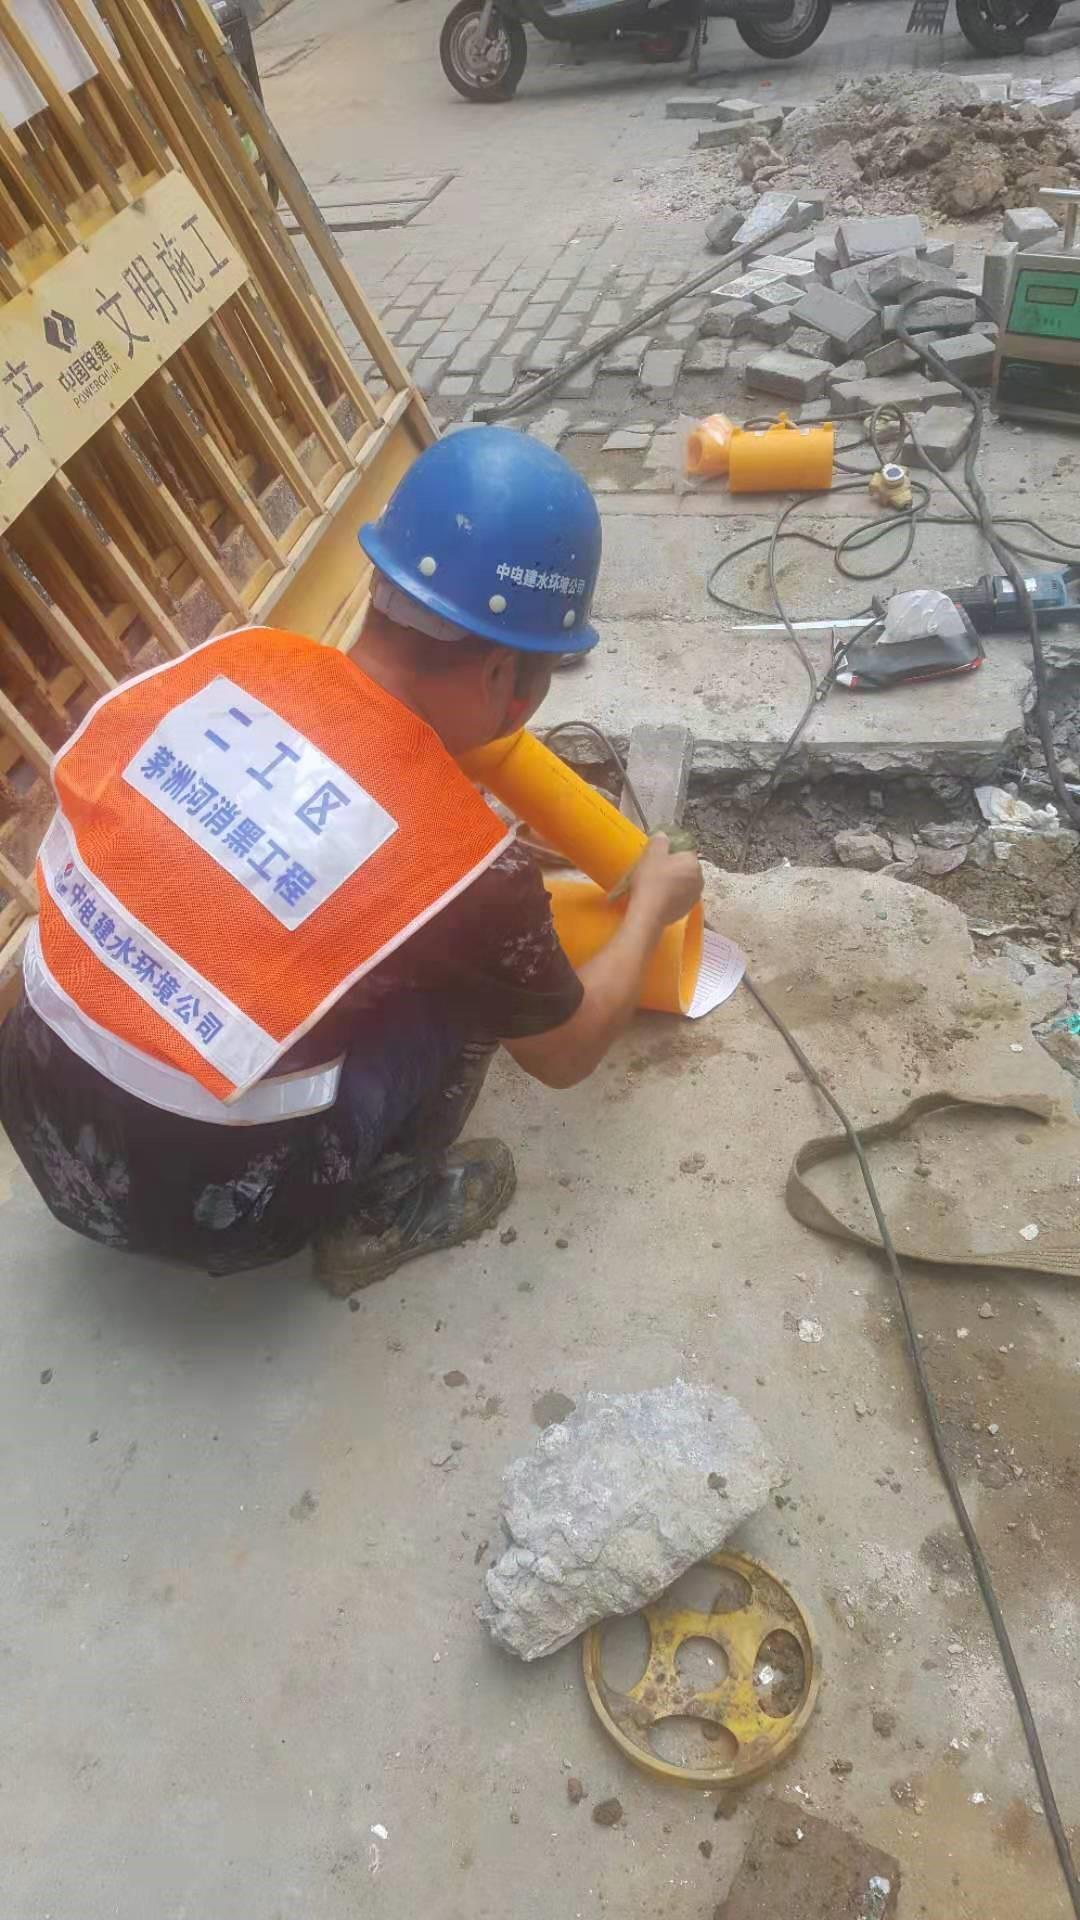 沙井市政管道工程安装 推荐咨询「深圳市茂盛建设工程供应」